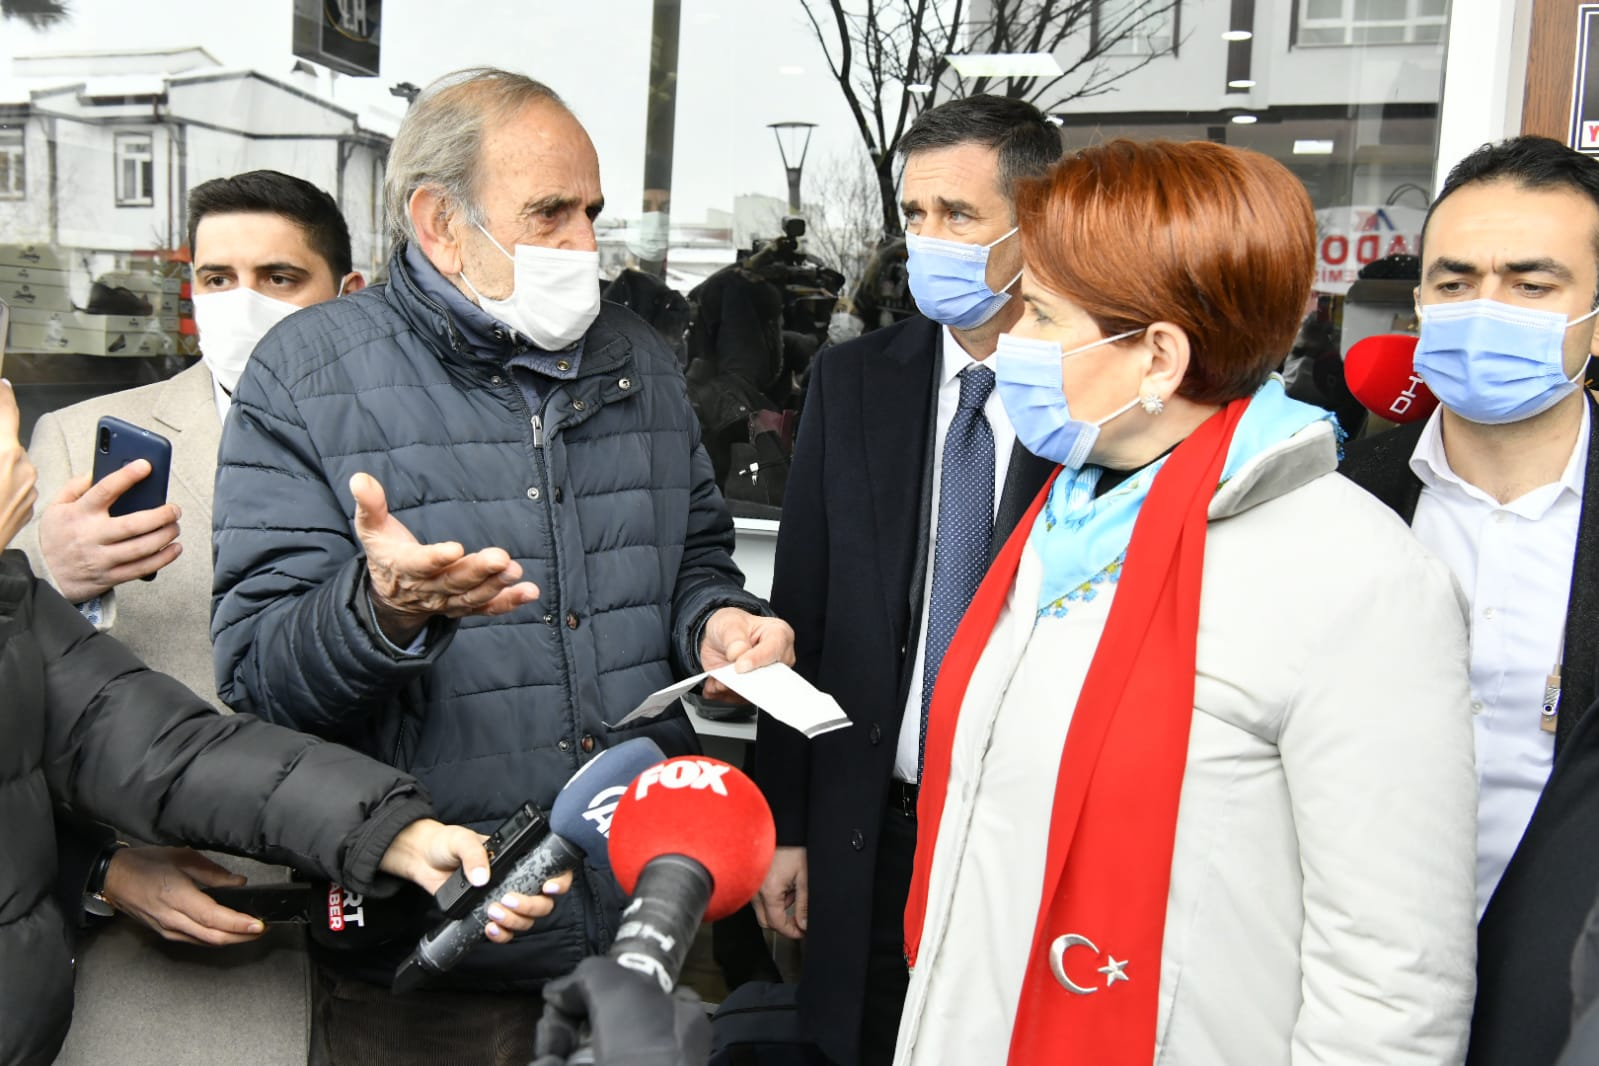 Vatandaşın içler acısı durumunu Akşener'in gezisi ortaya çıkardı!